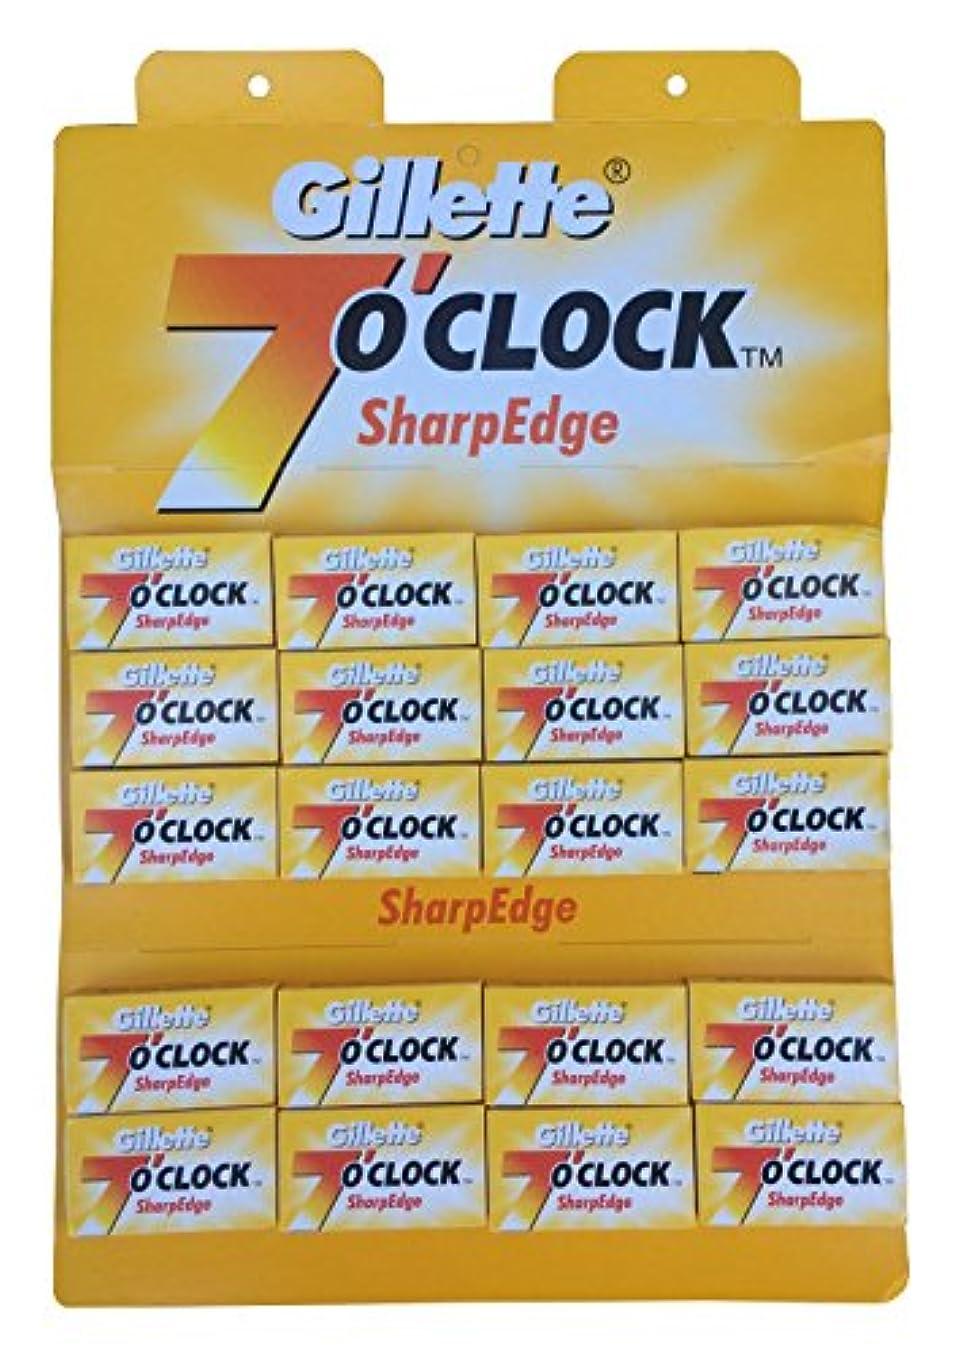 ハイライトクリックモットーGillette 7 0'Clock SharpEdge 両刃替刃 100枚入り(5枚入り20 個セット)【並行輸入品】